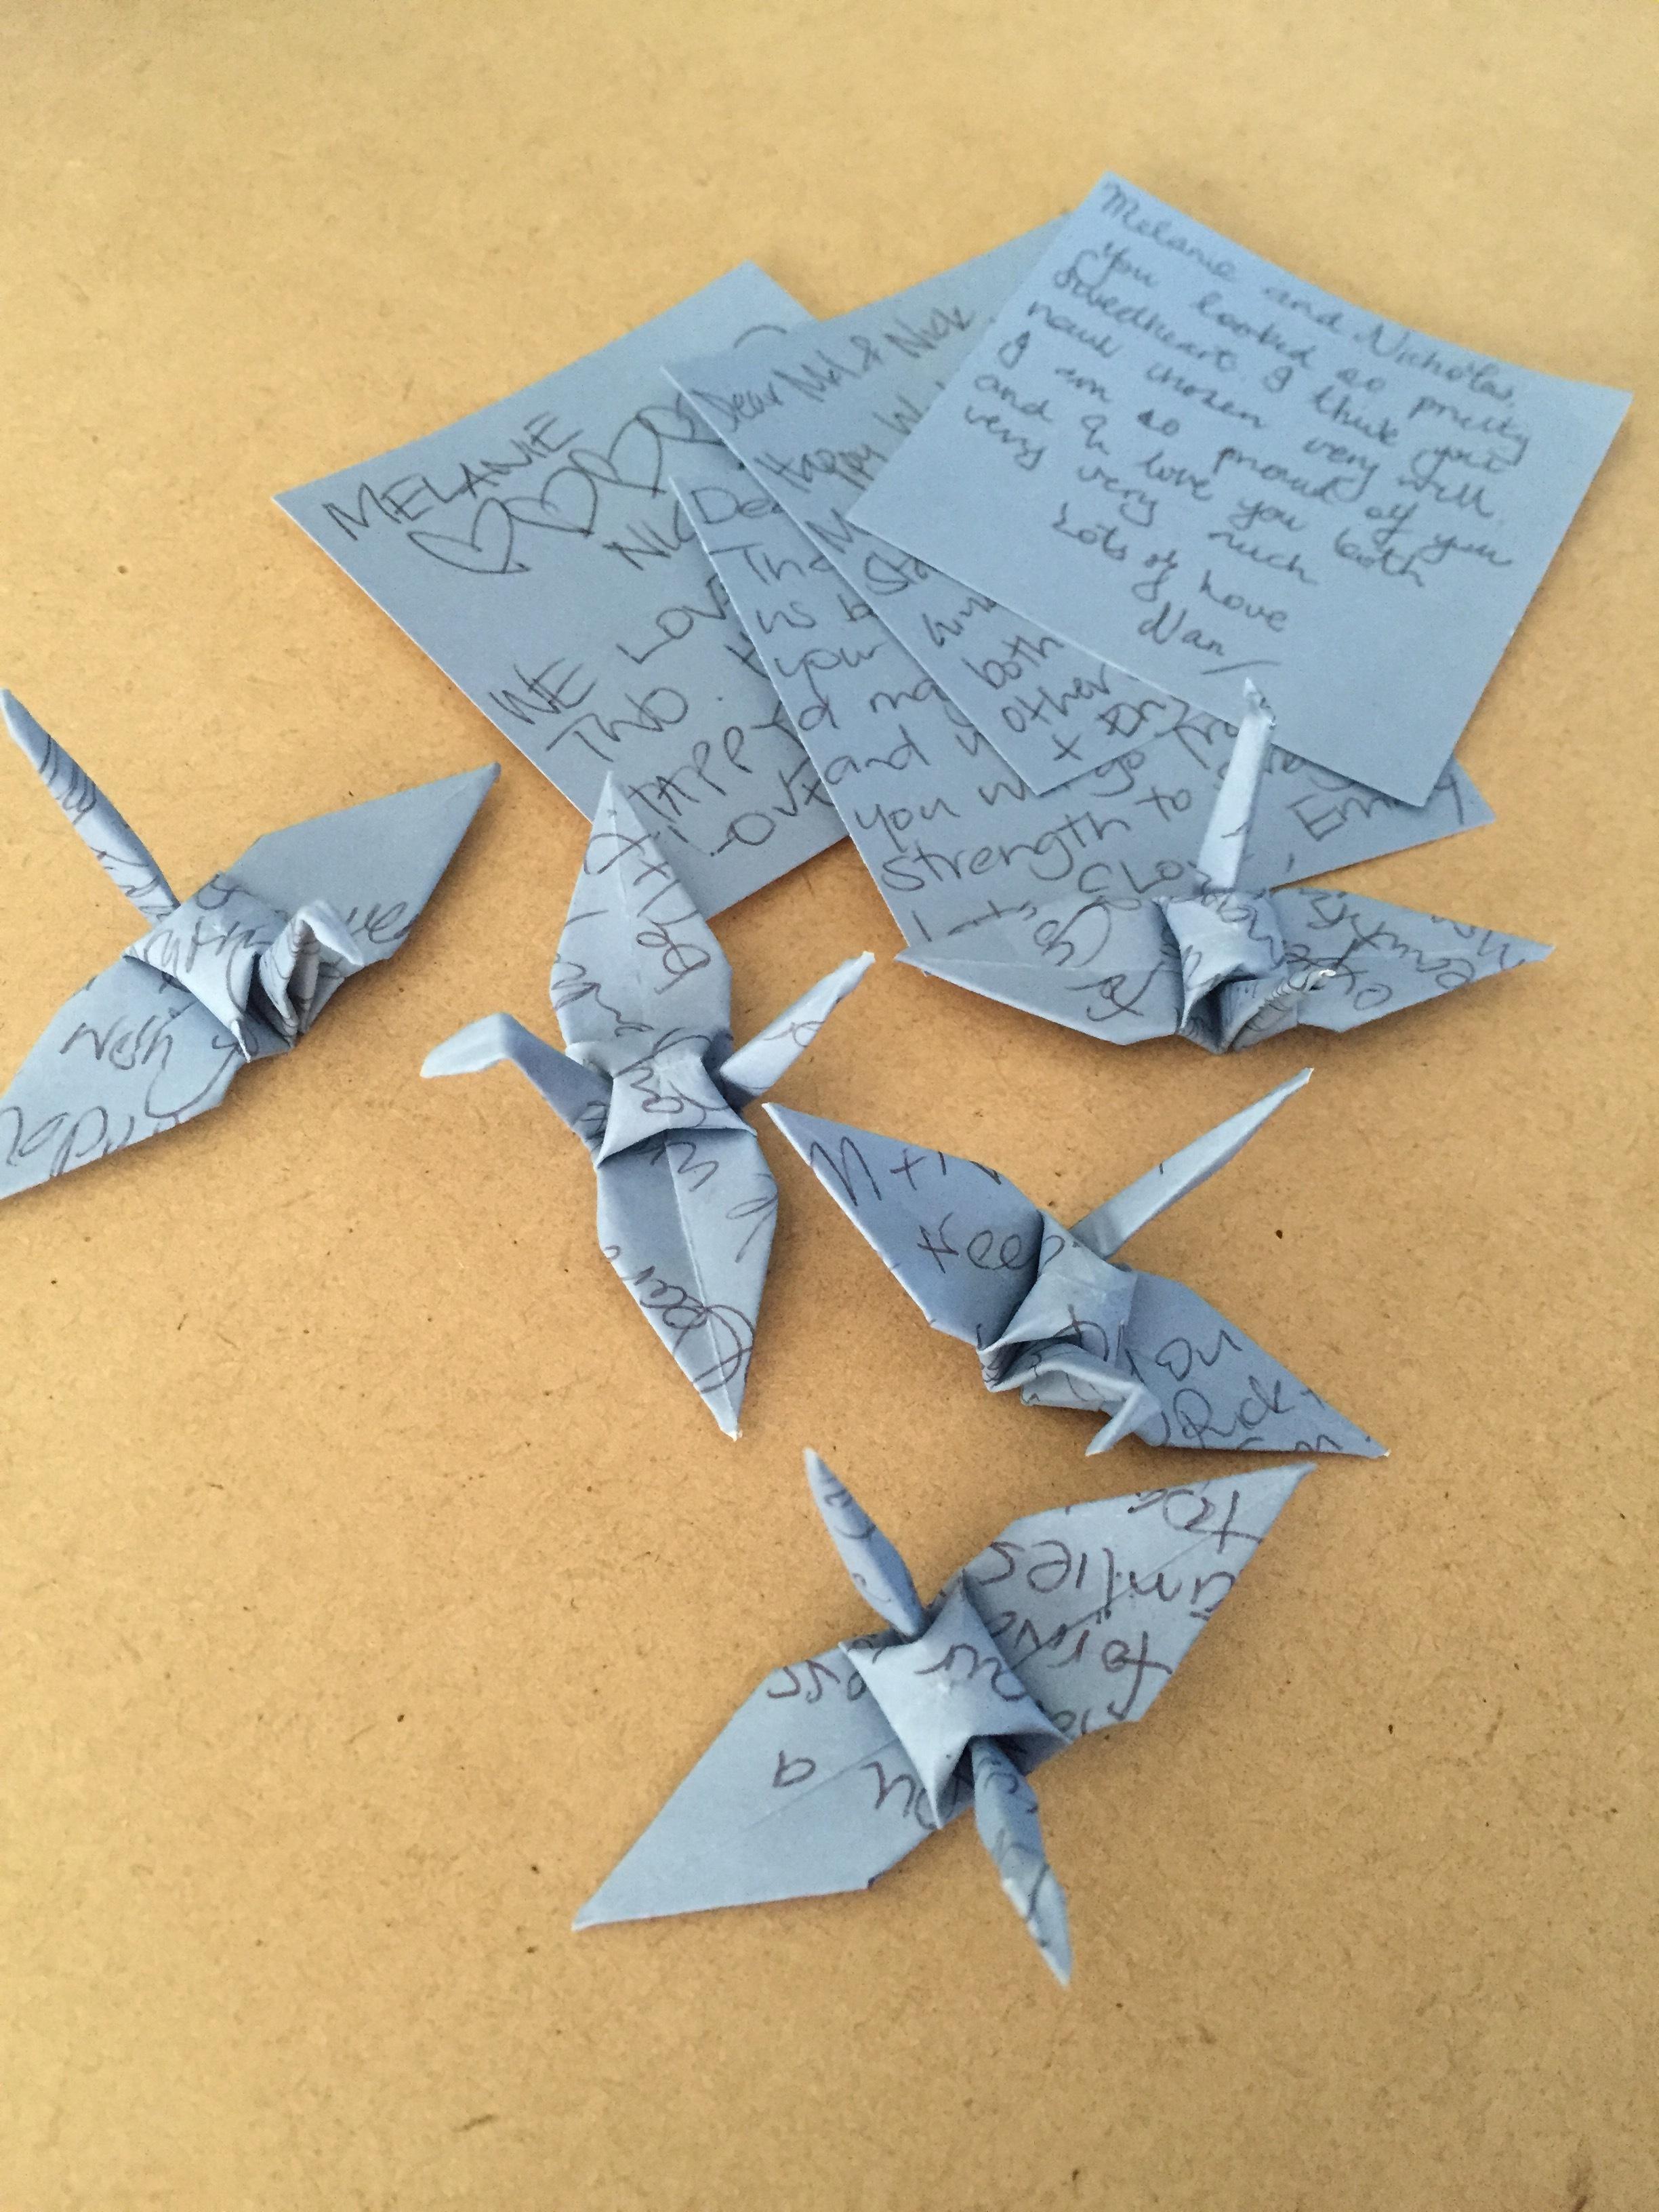 handwritten well wishes